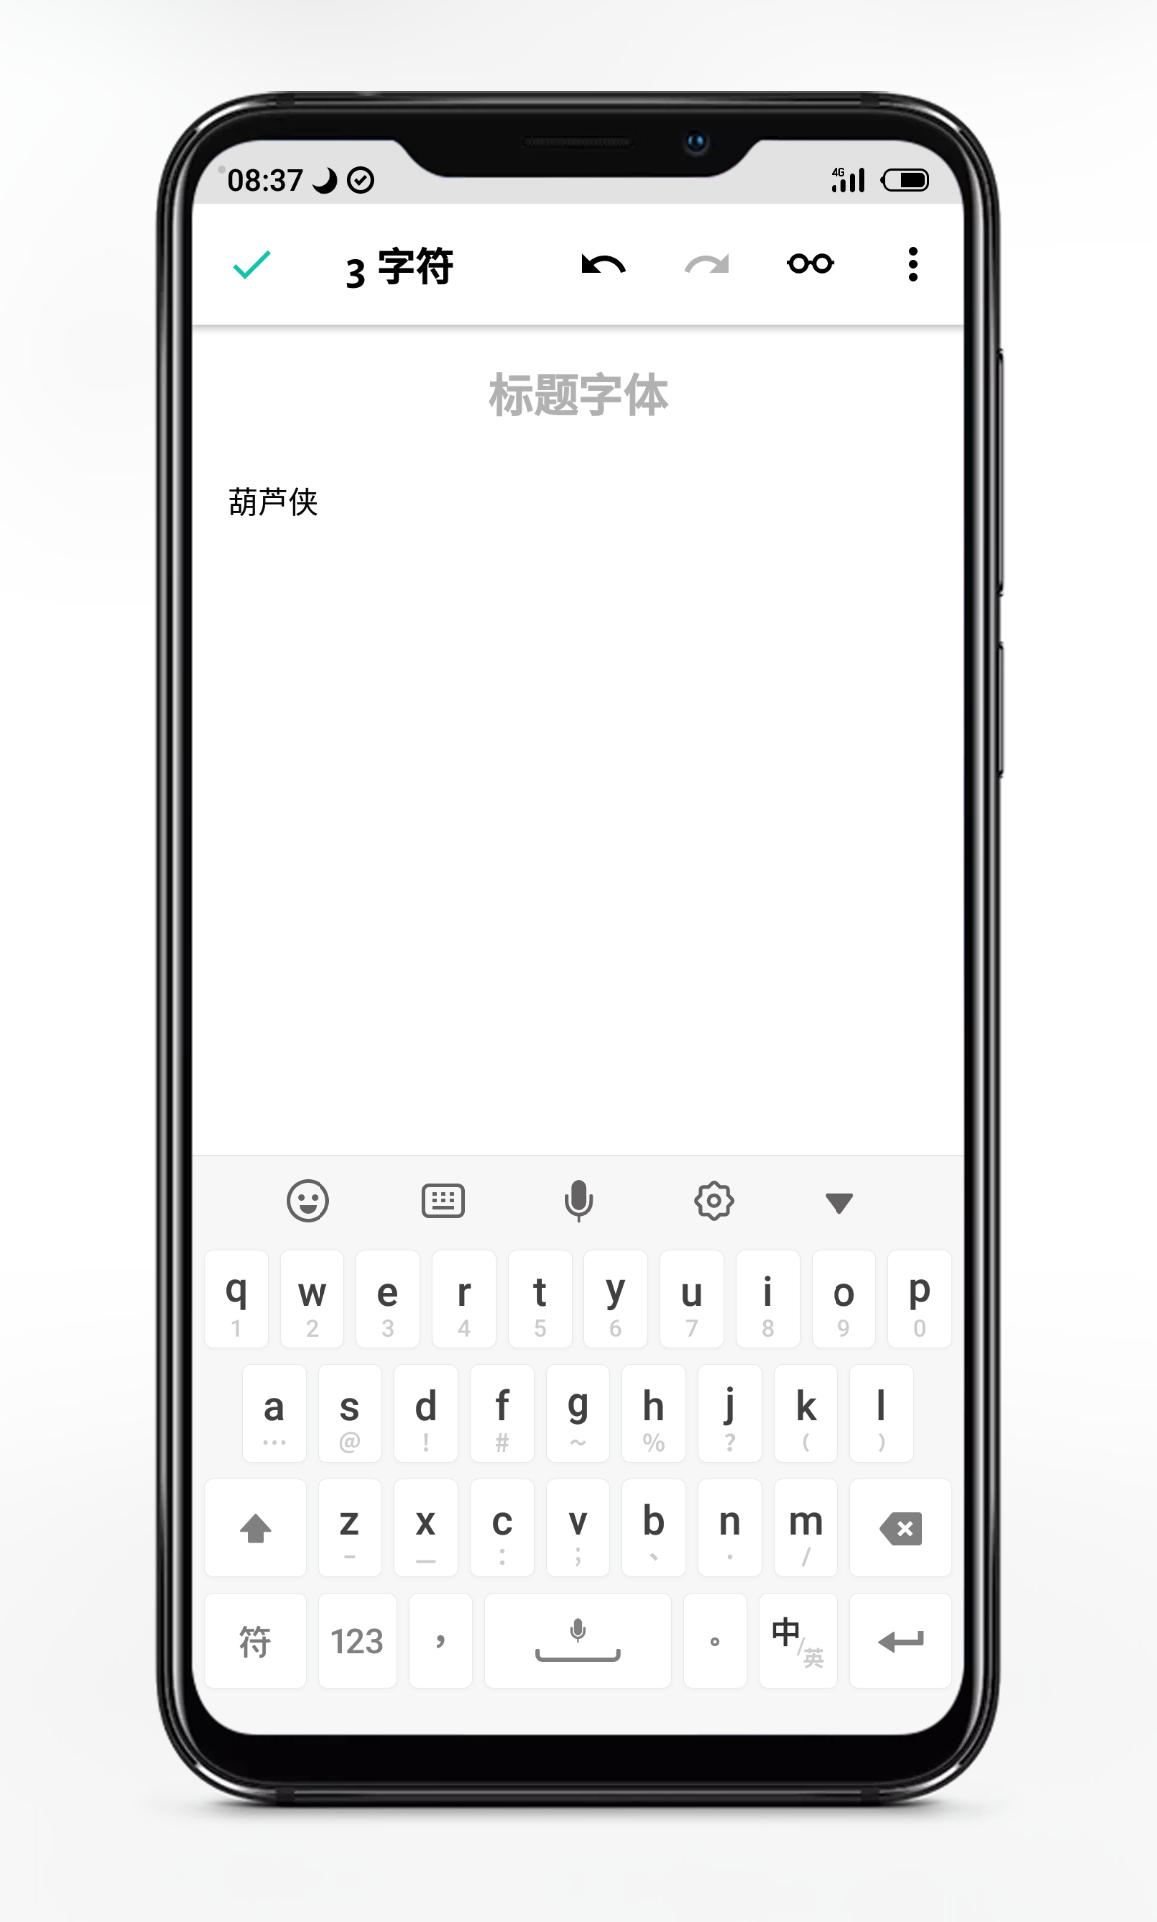 【考核】JotterPad文本编辑器v12.10.1破解版-爱小助